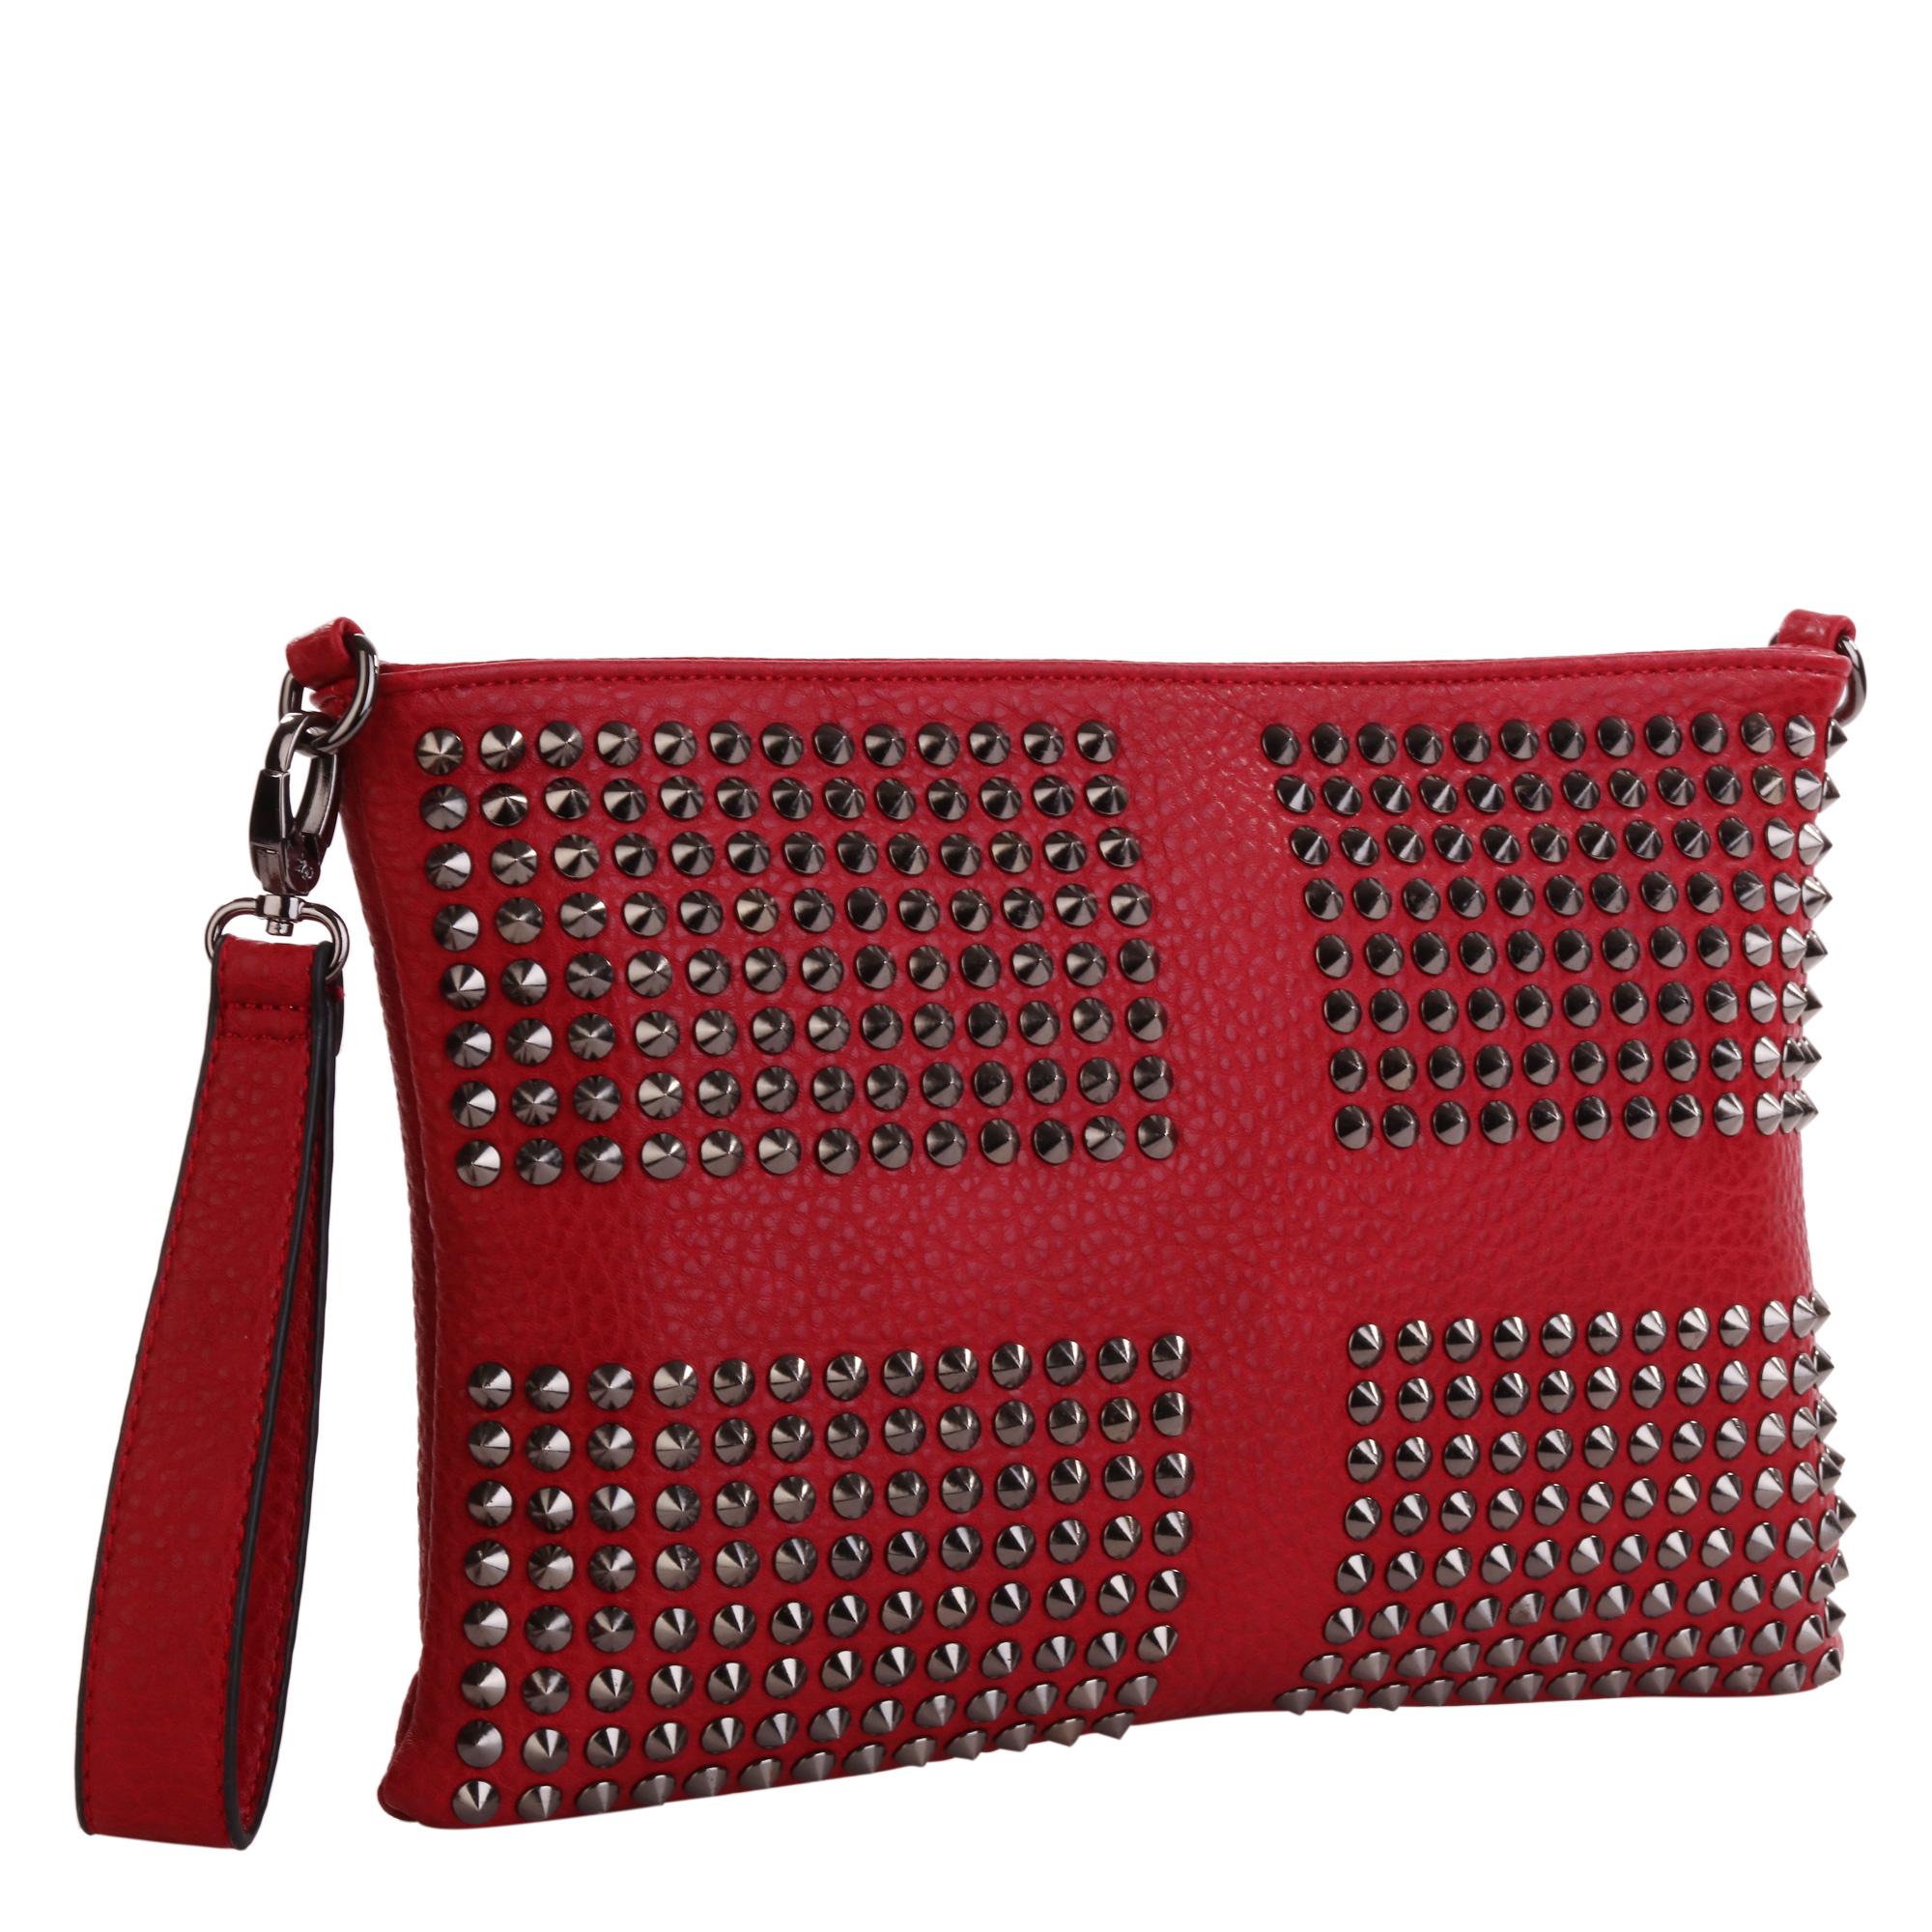 Сумка женская Pola, цвет: красный. 8273-018273-01Женская сумка Pola выполнена из экокожи. Основное отделение закрывается на молнию, внутри два открытых кармана и карман на молнии. Снаружи карман на молнии сзади сумки. В комплекте съемный плечевой ремень, регулируемый по длине, максимальная высота 58 см. Также есть съемная ручка для переноски на кисти. Цвет фурнитуры- черный.